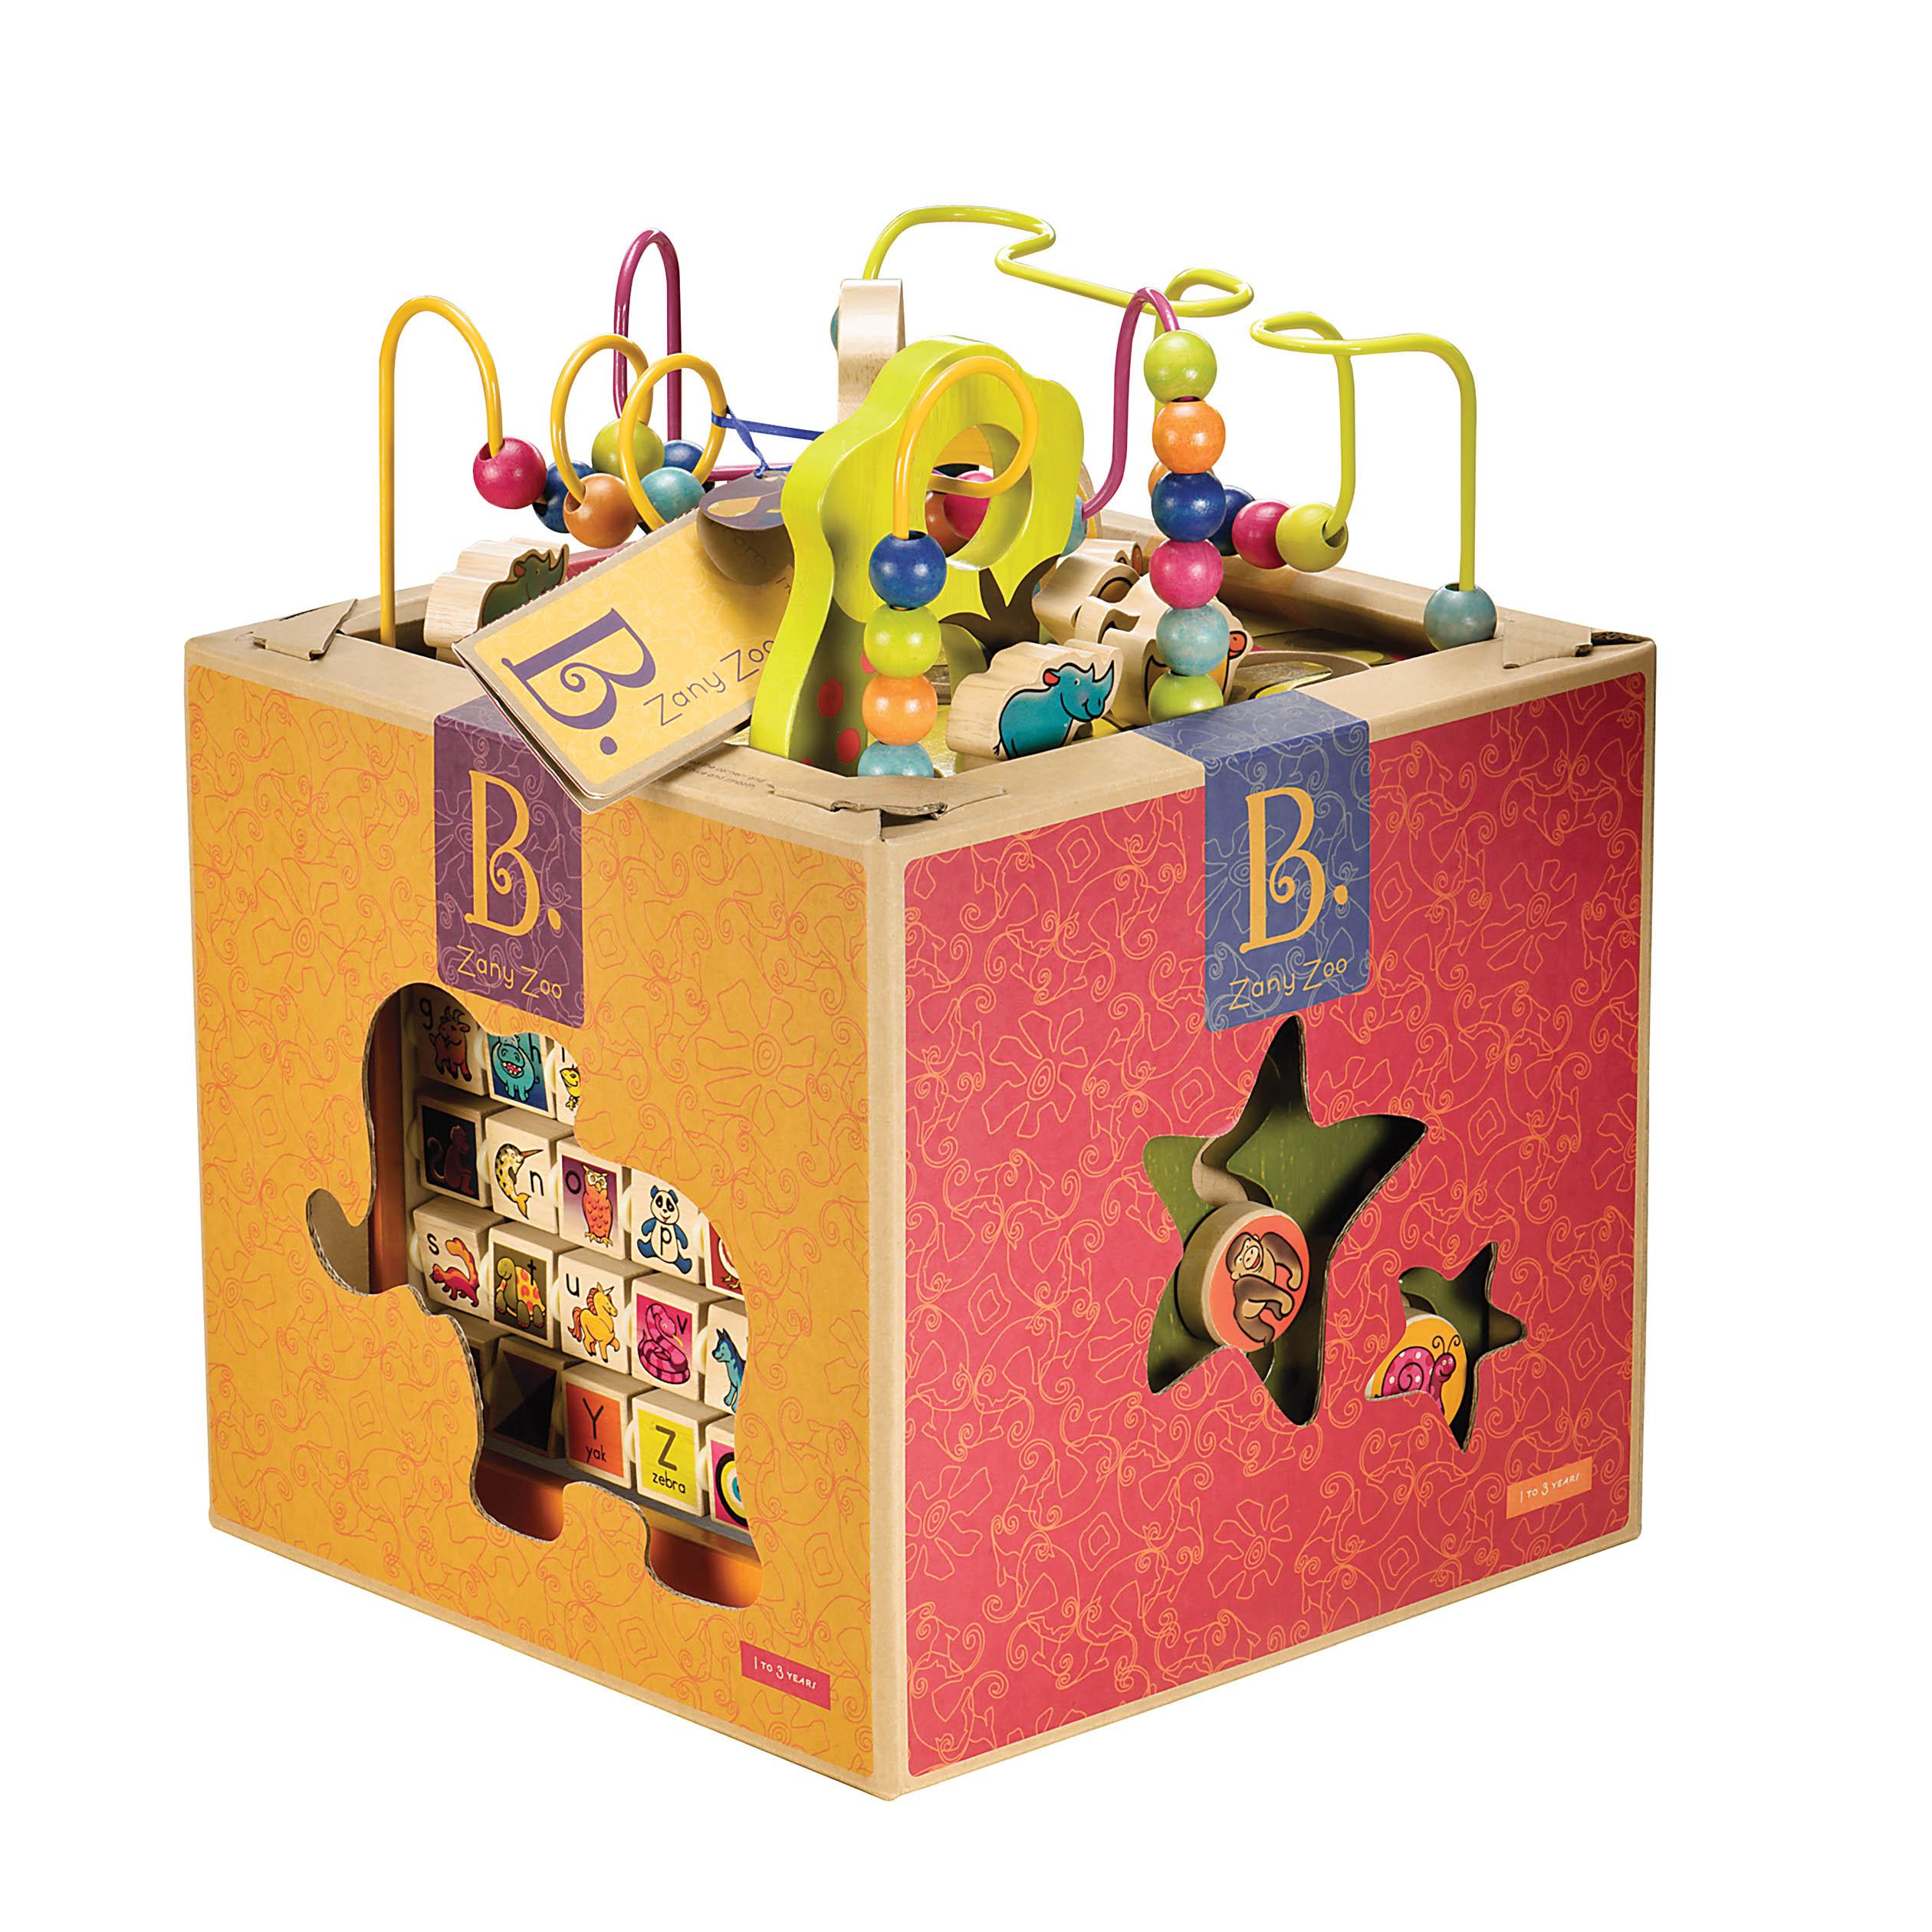 B. Toys - Zany Zoo Wooden activitycenter (1004)